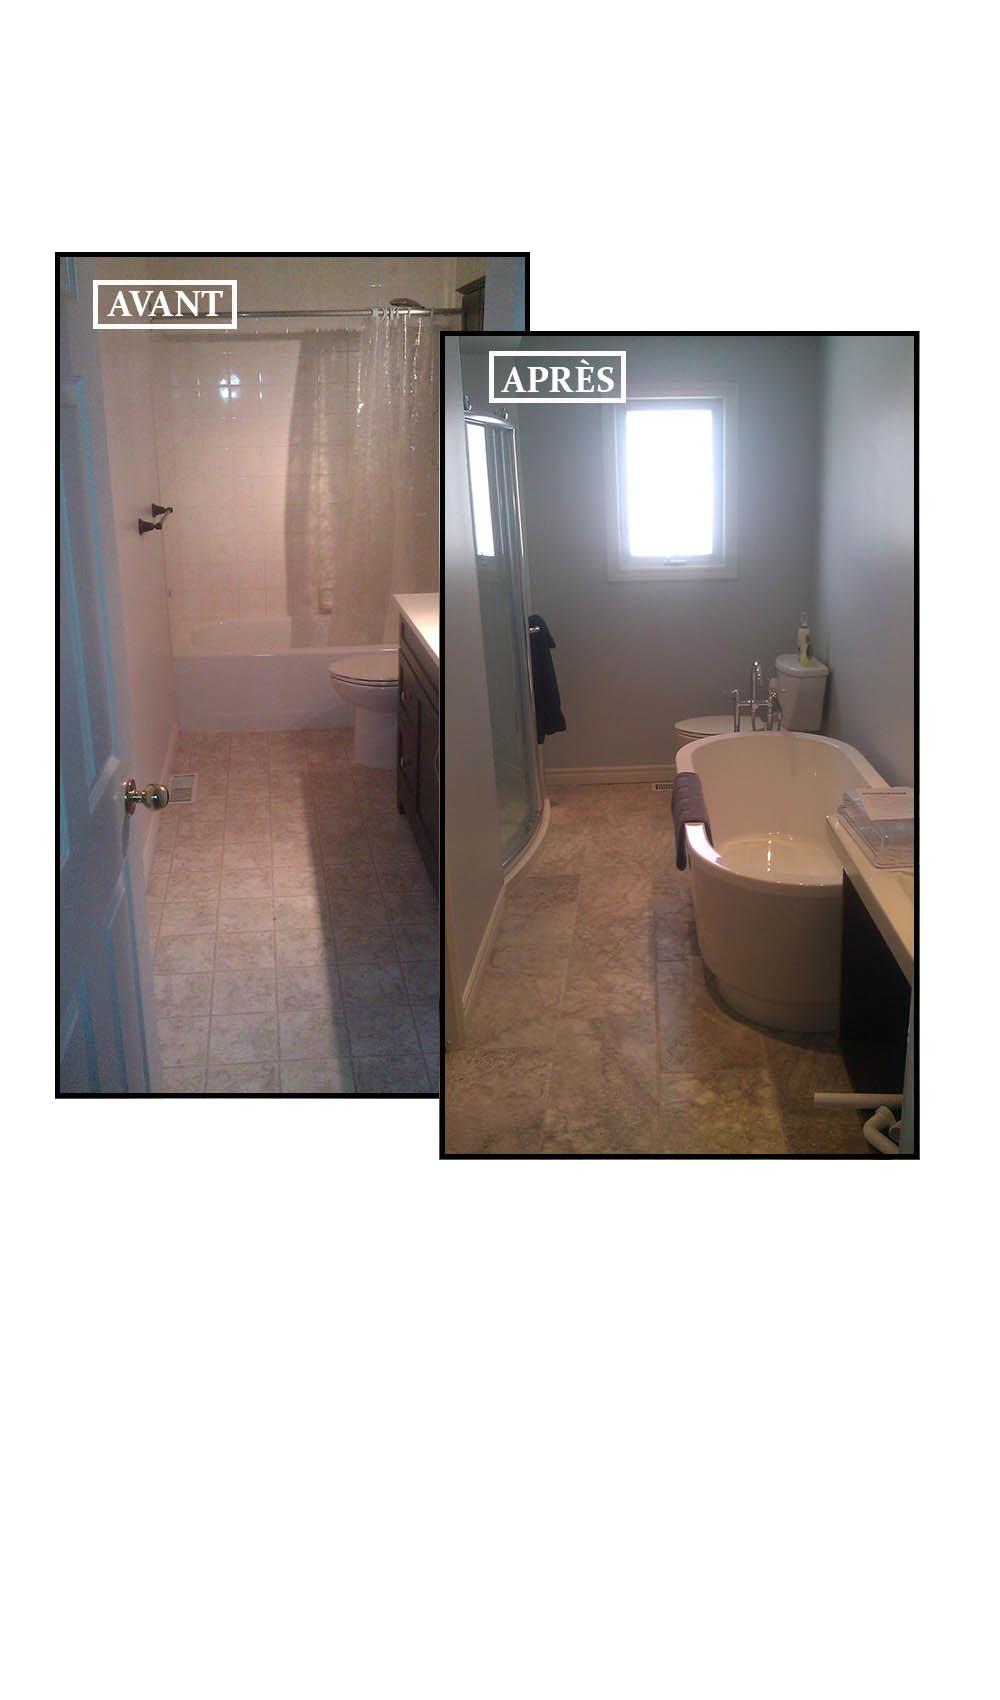 Salle de bain avant apres photos de conception de maison for Salle de bain avant apres